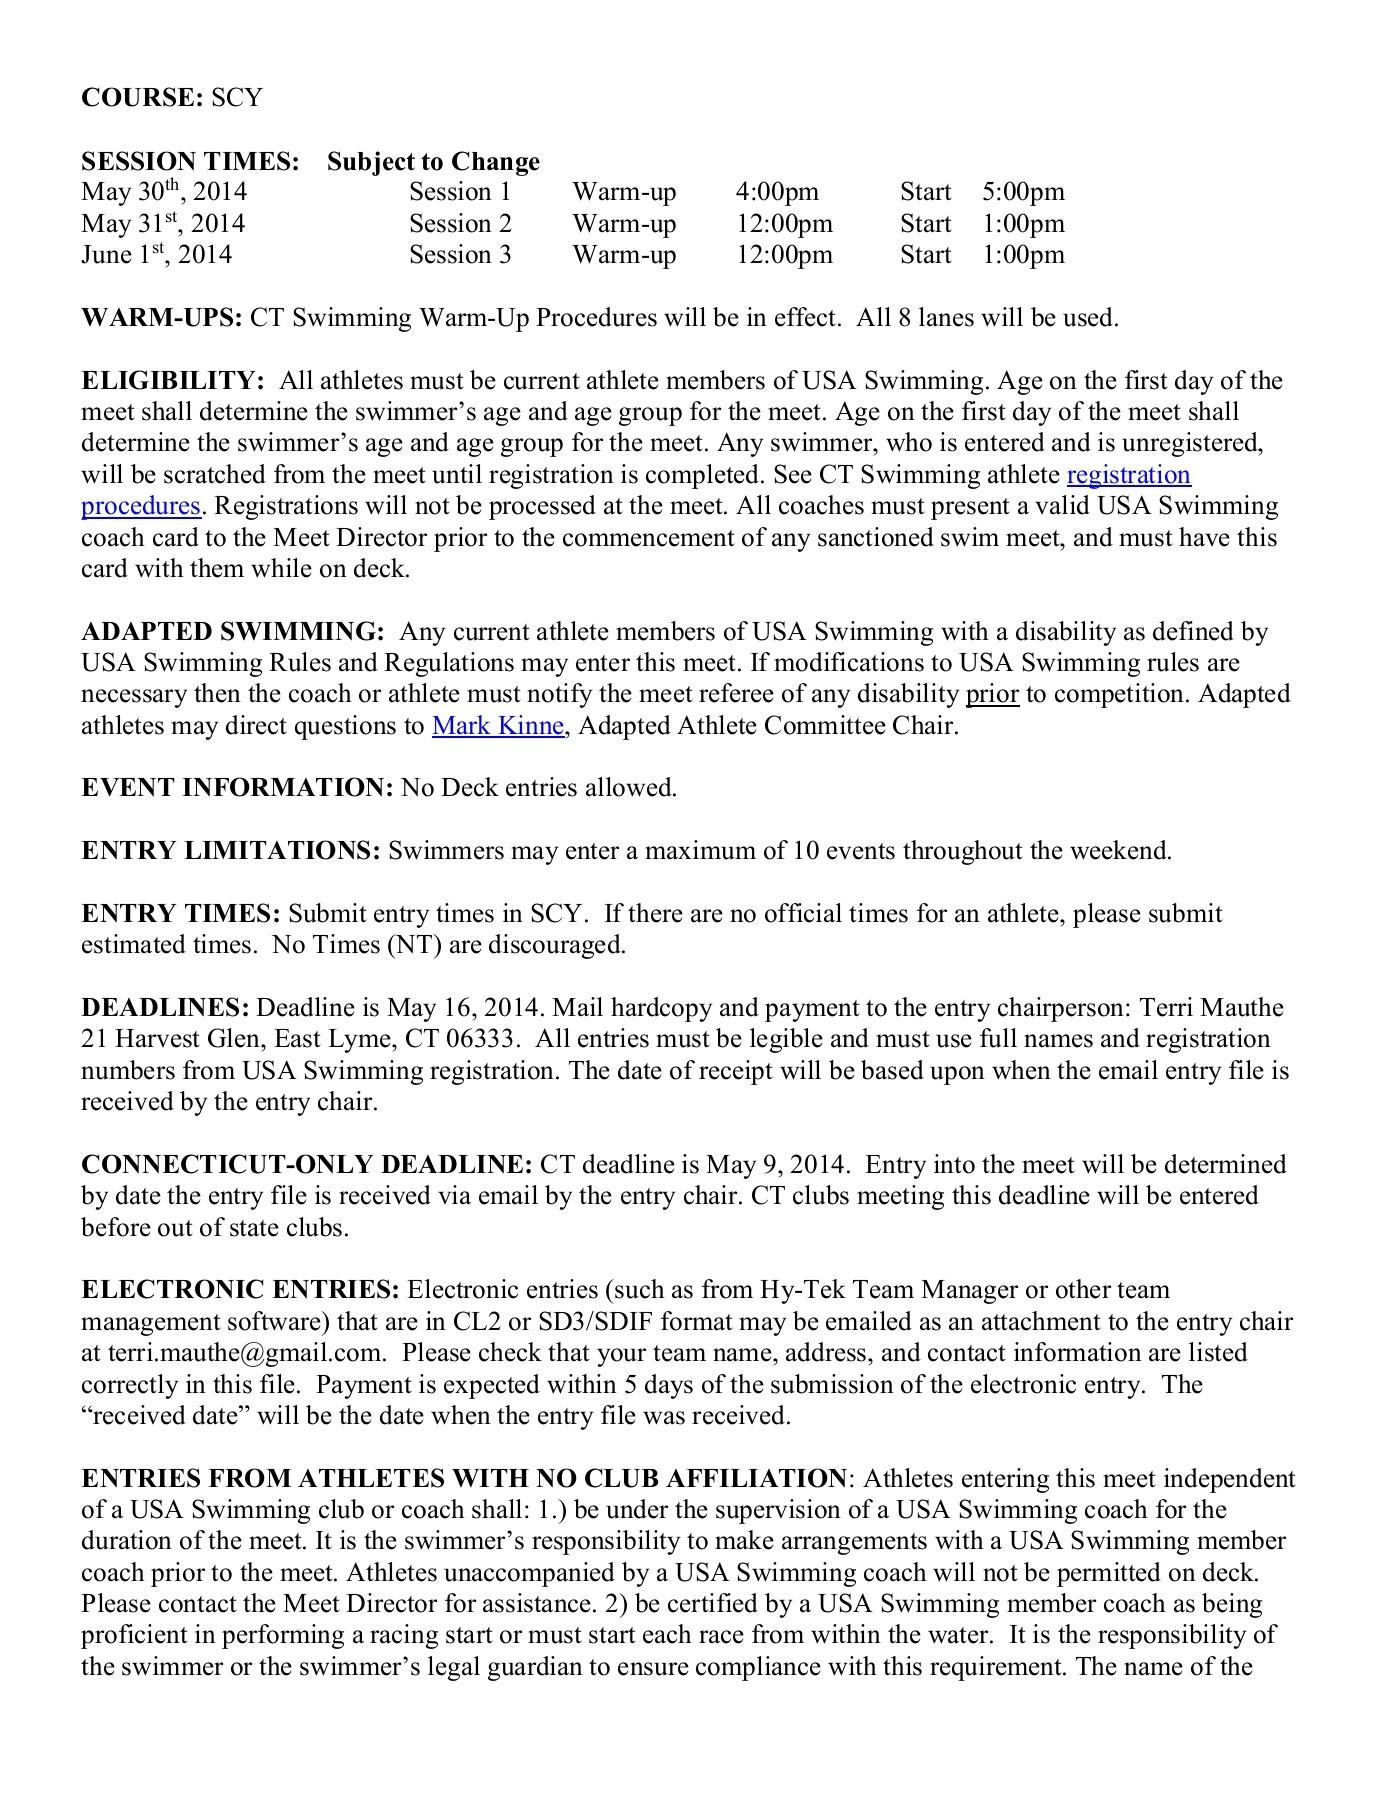 Nutmeg 13/Over Decathlon - CT Swimming